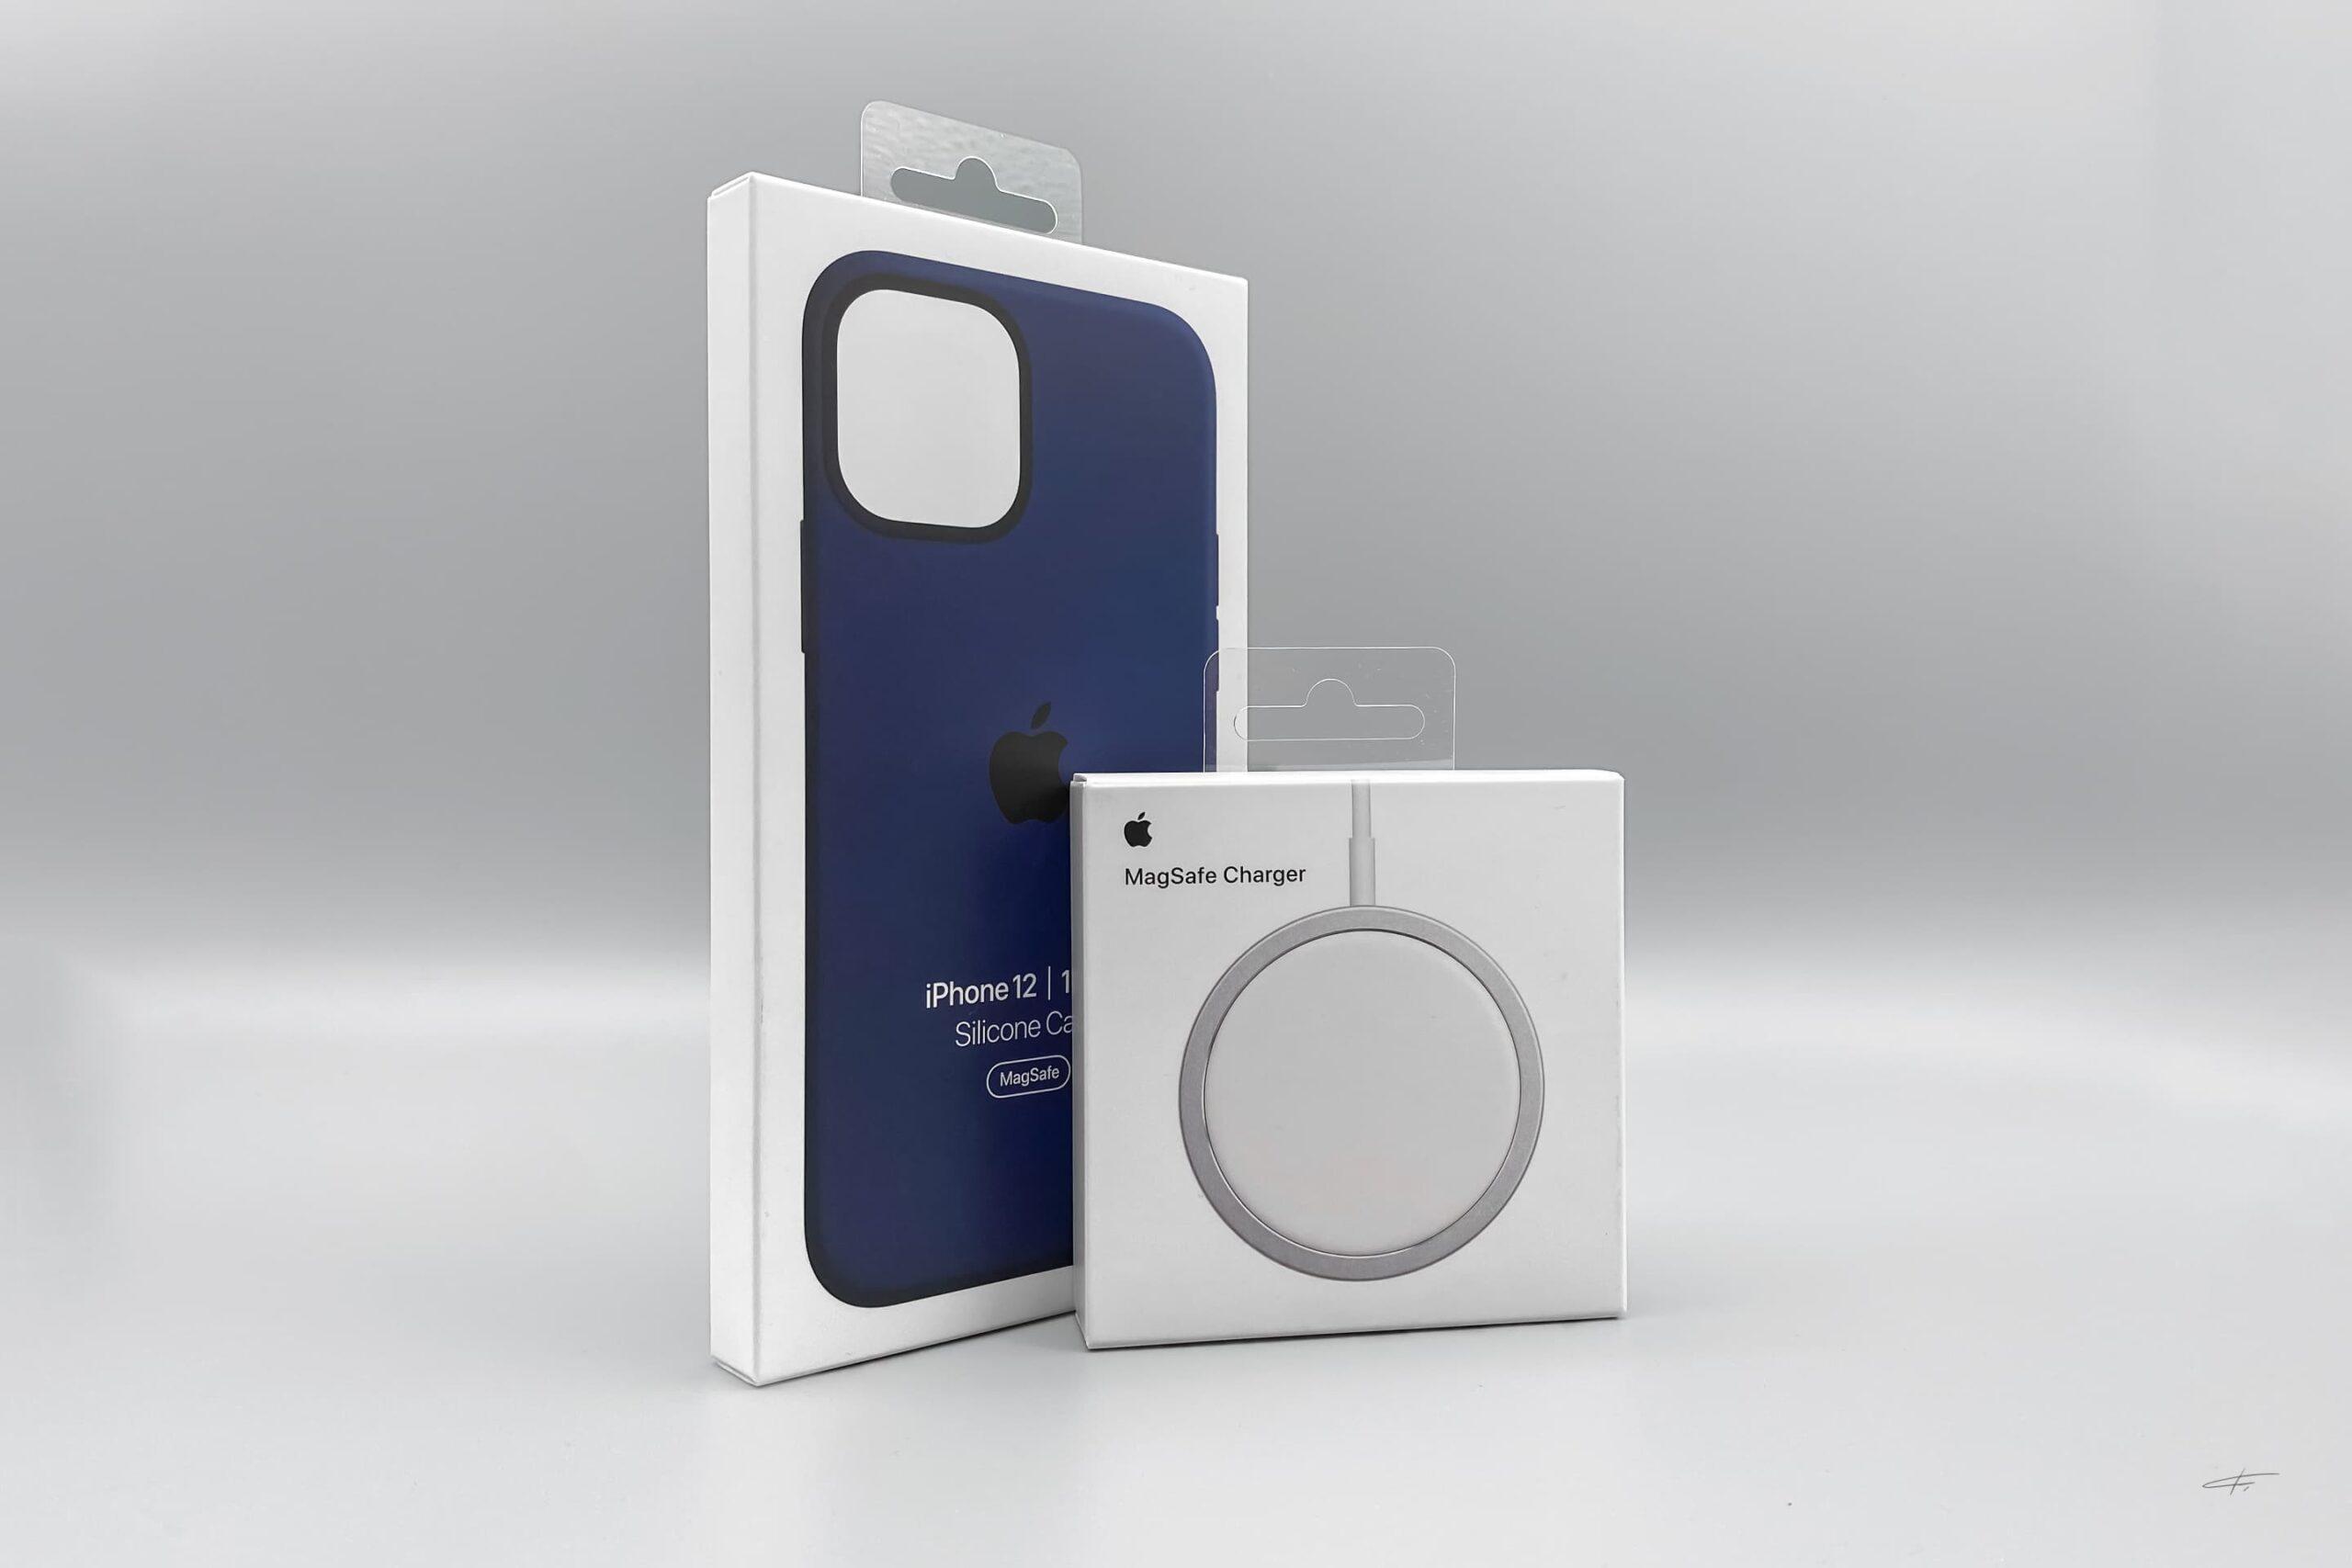 蘋果 MagSafe 充電器和保護殼開箱,國外用戶已經收到貨